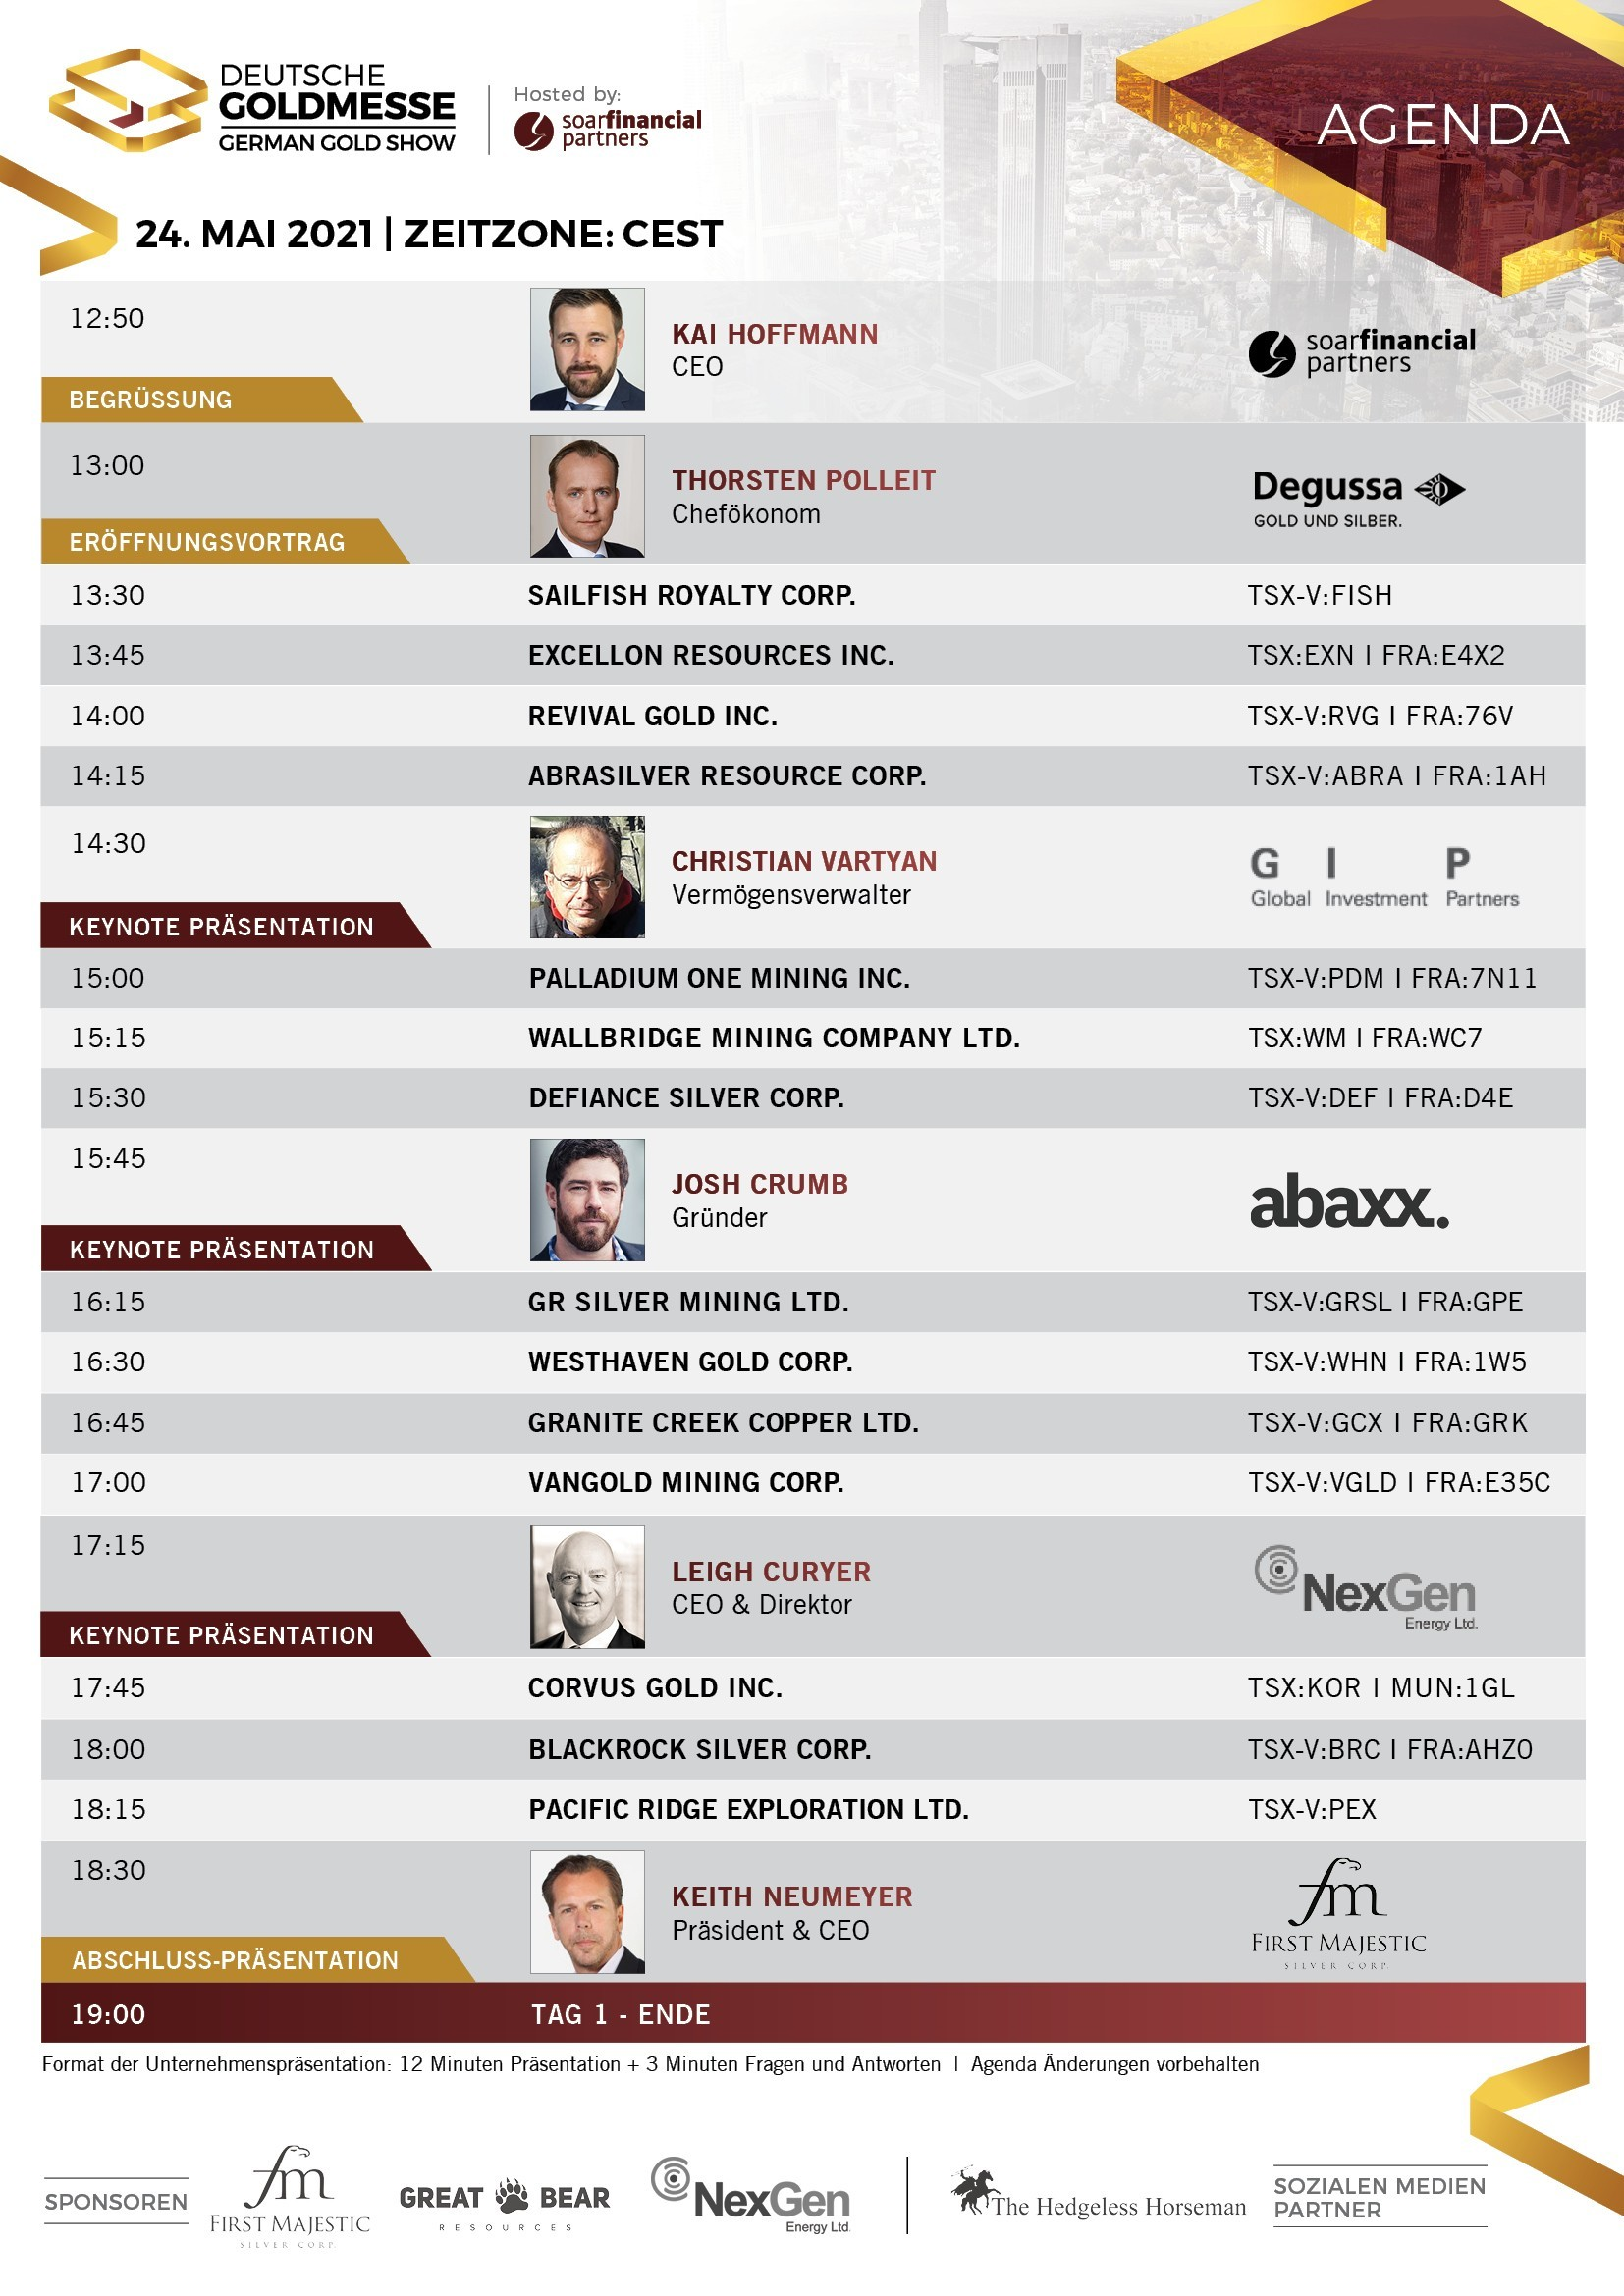 Deutsche-Goldmesse-0524-2021-Agenda-GER1